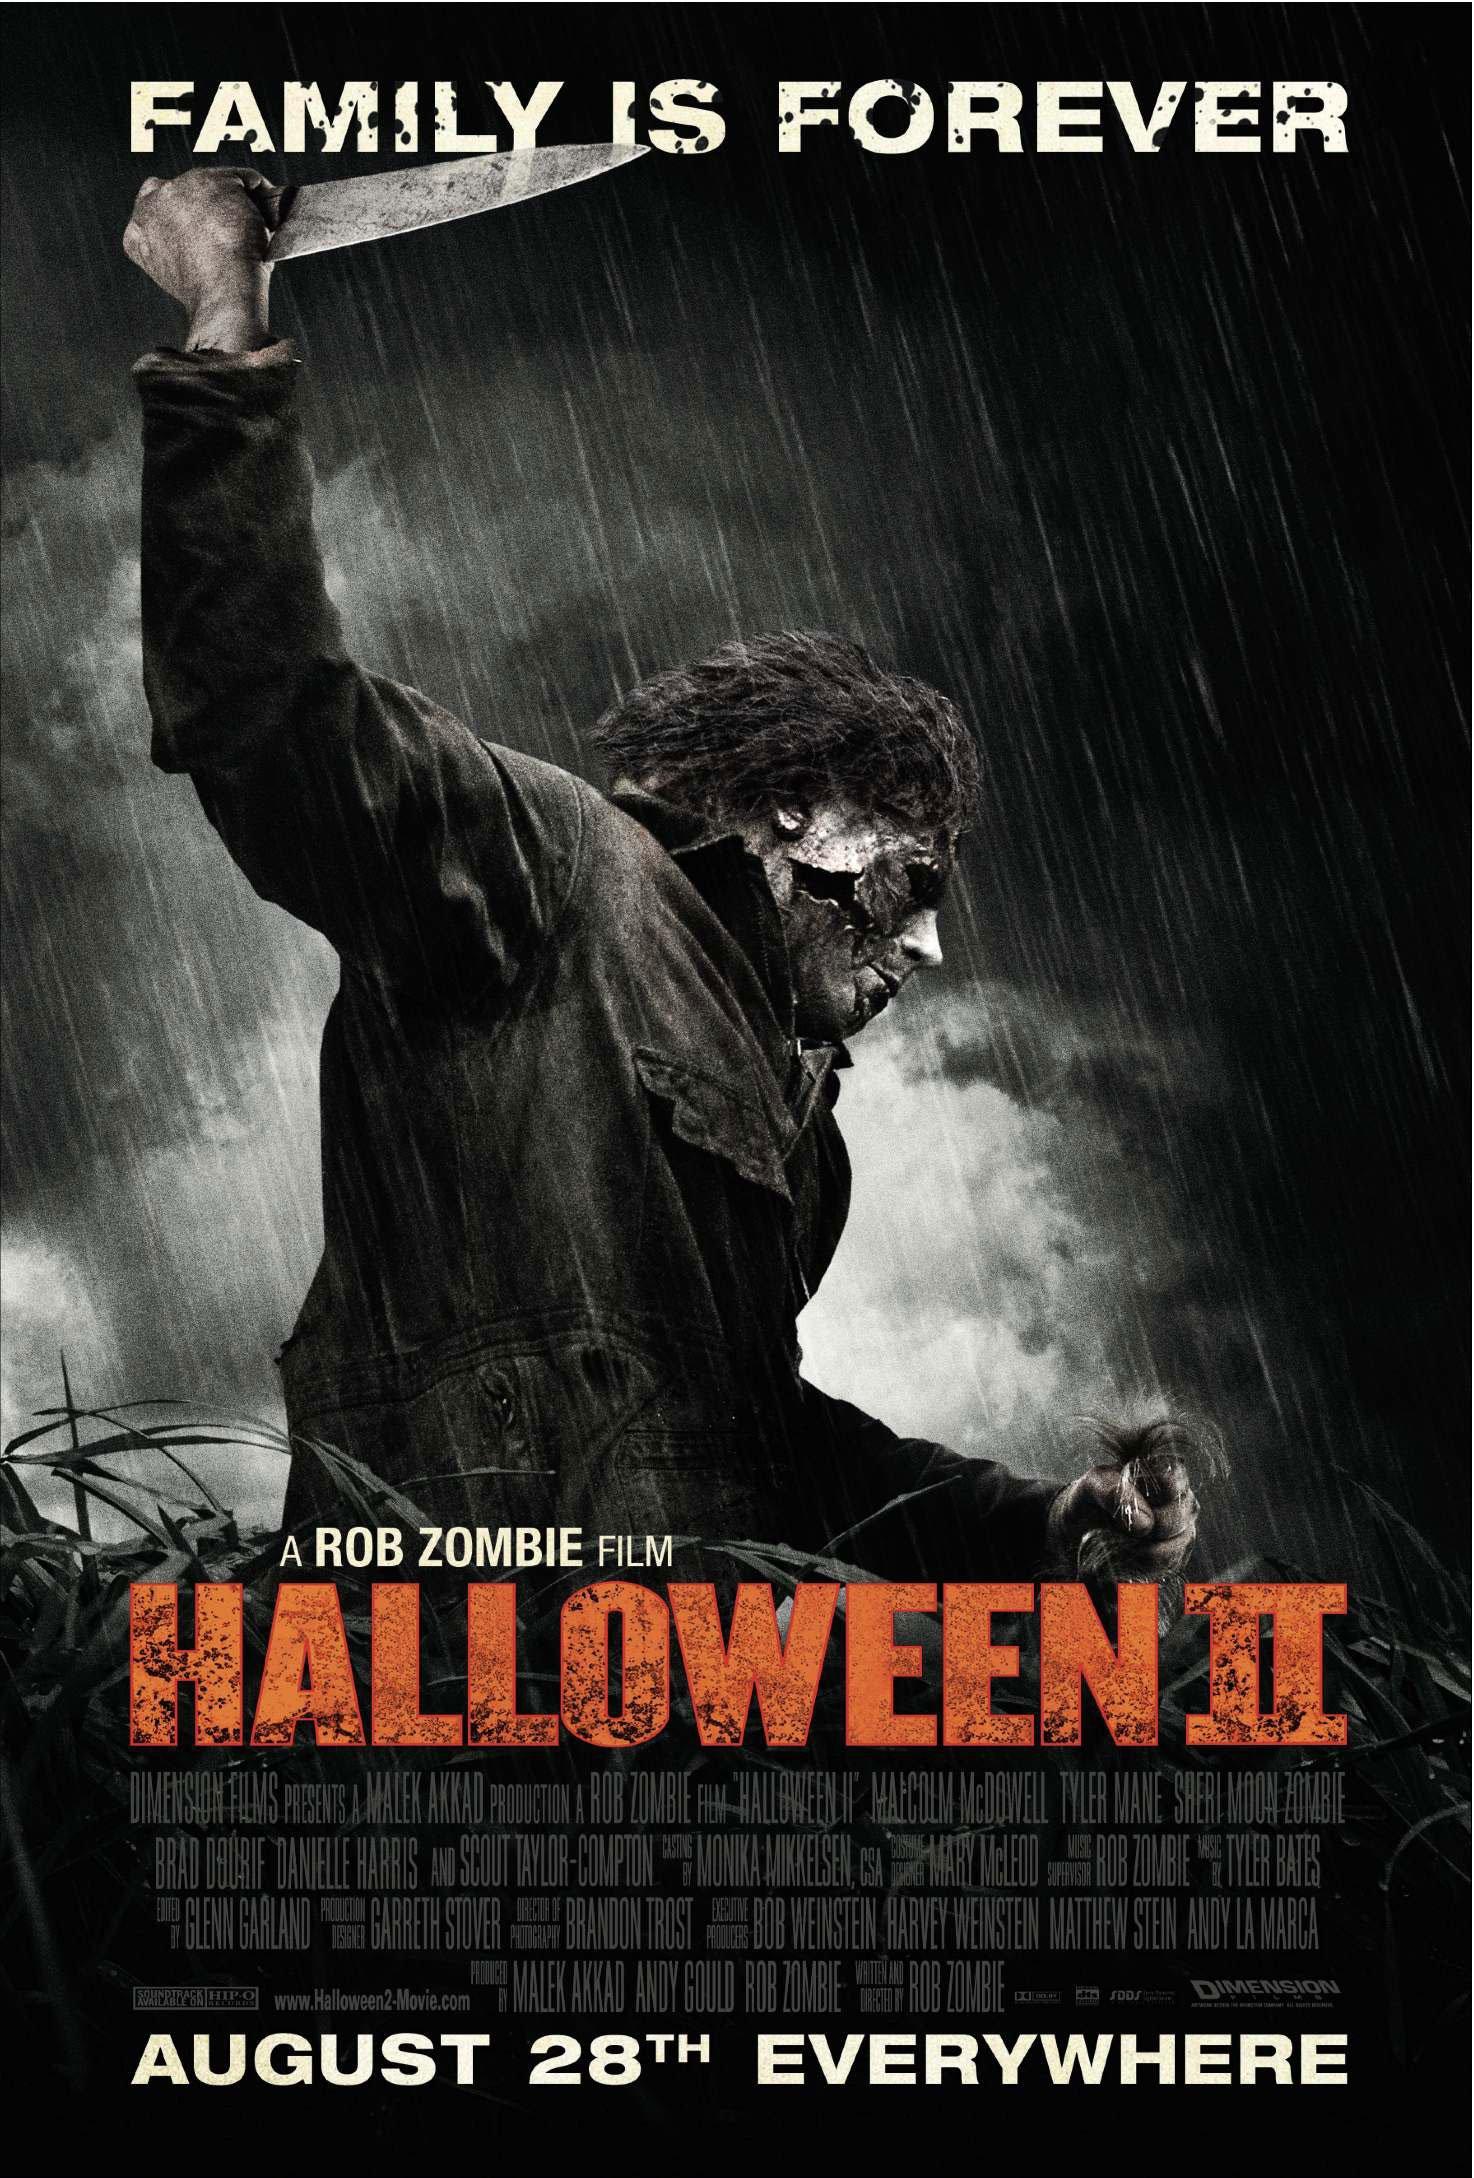 Halloween ii 2009 poster